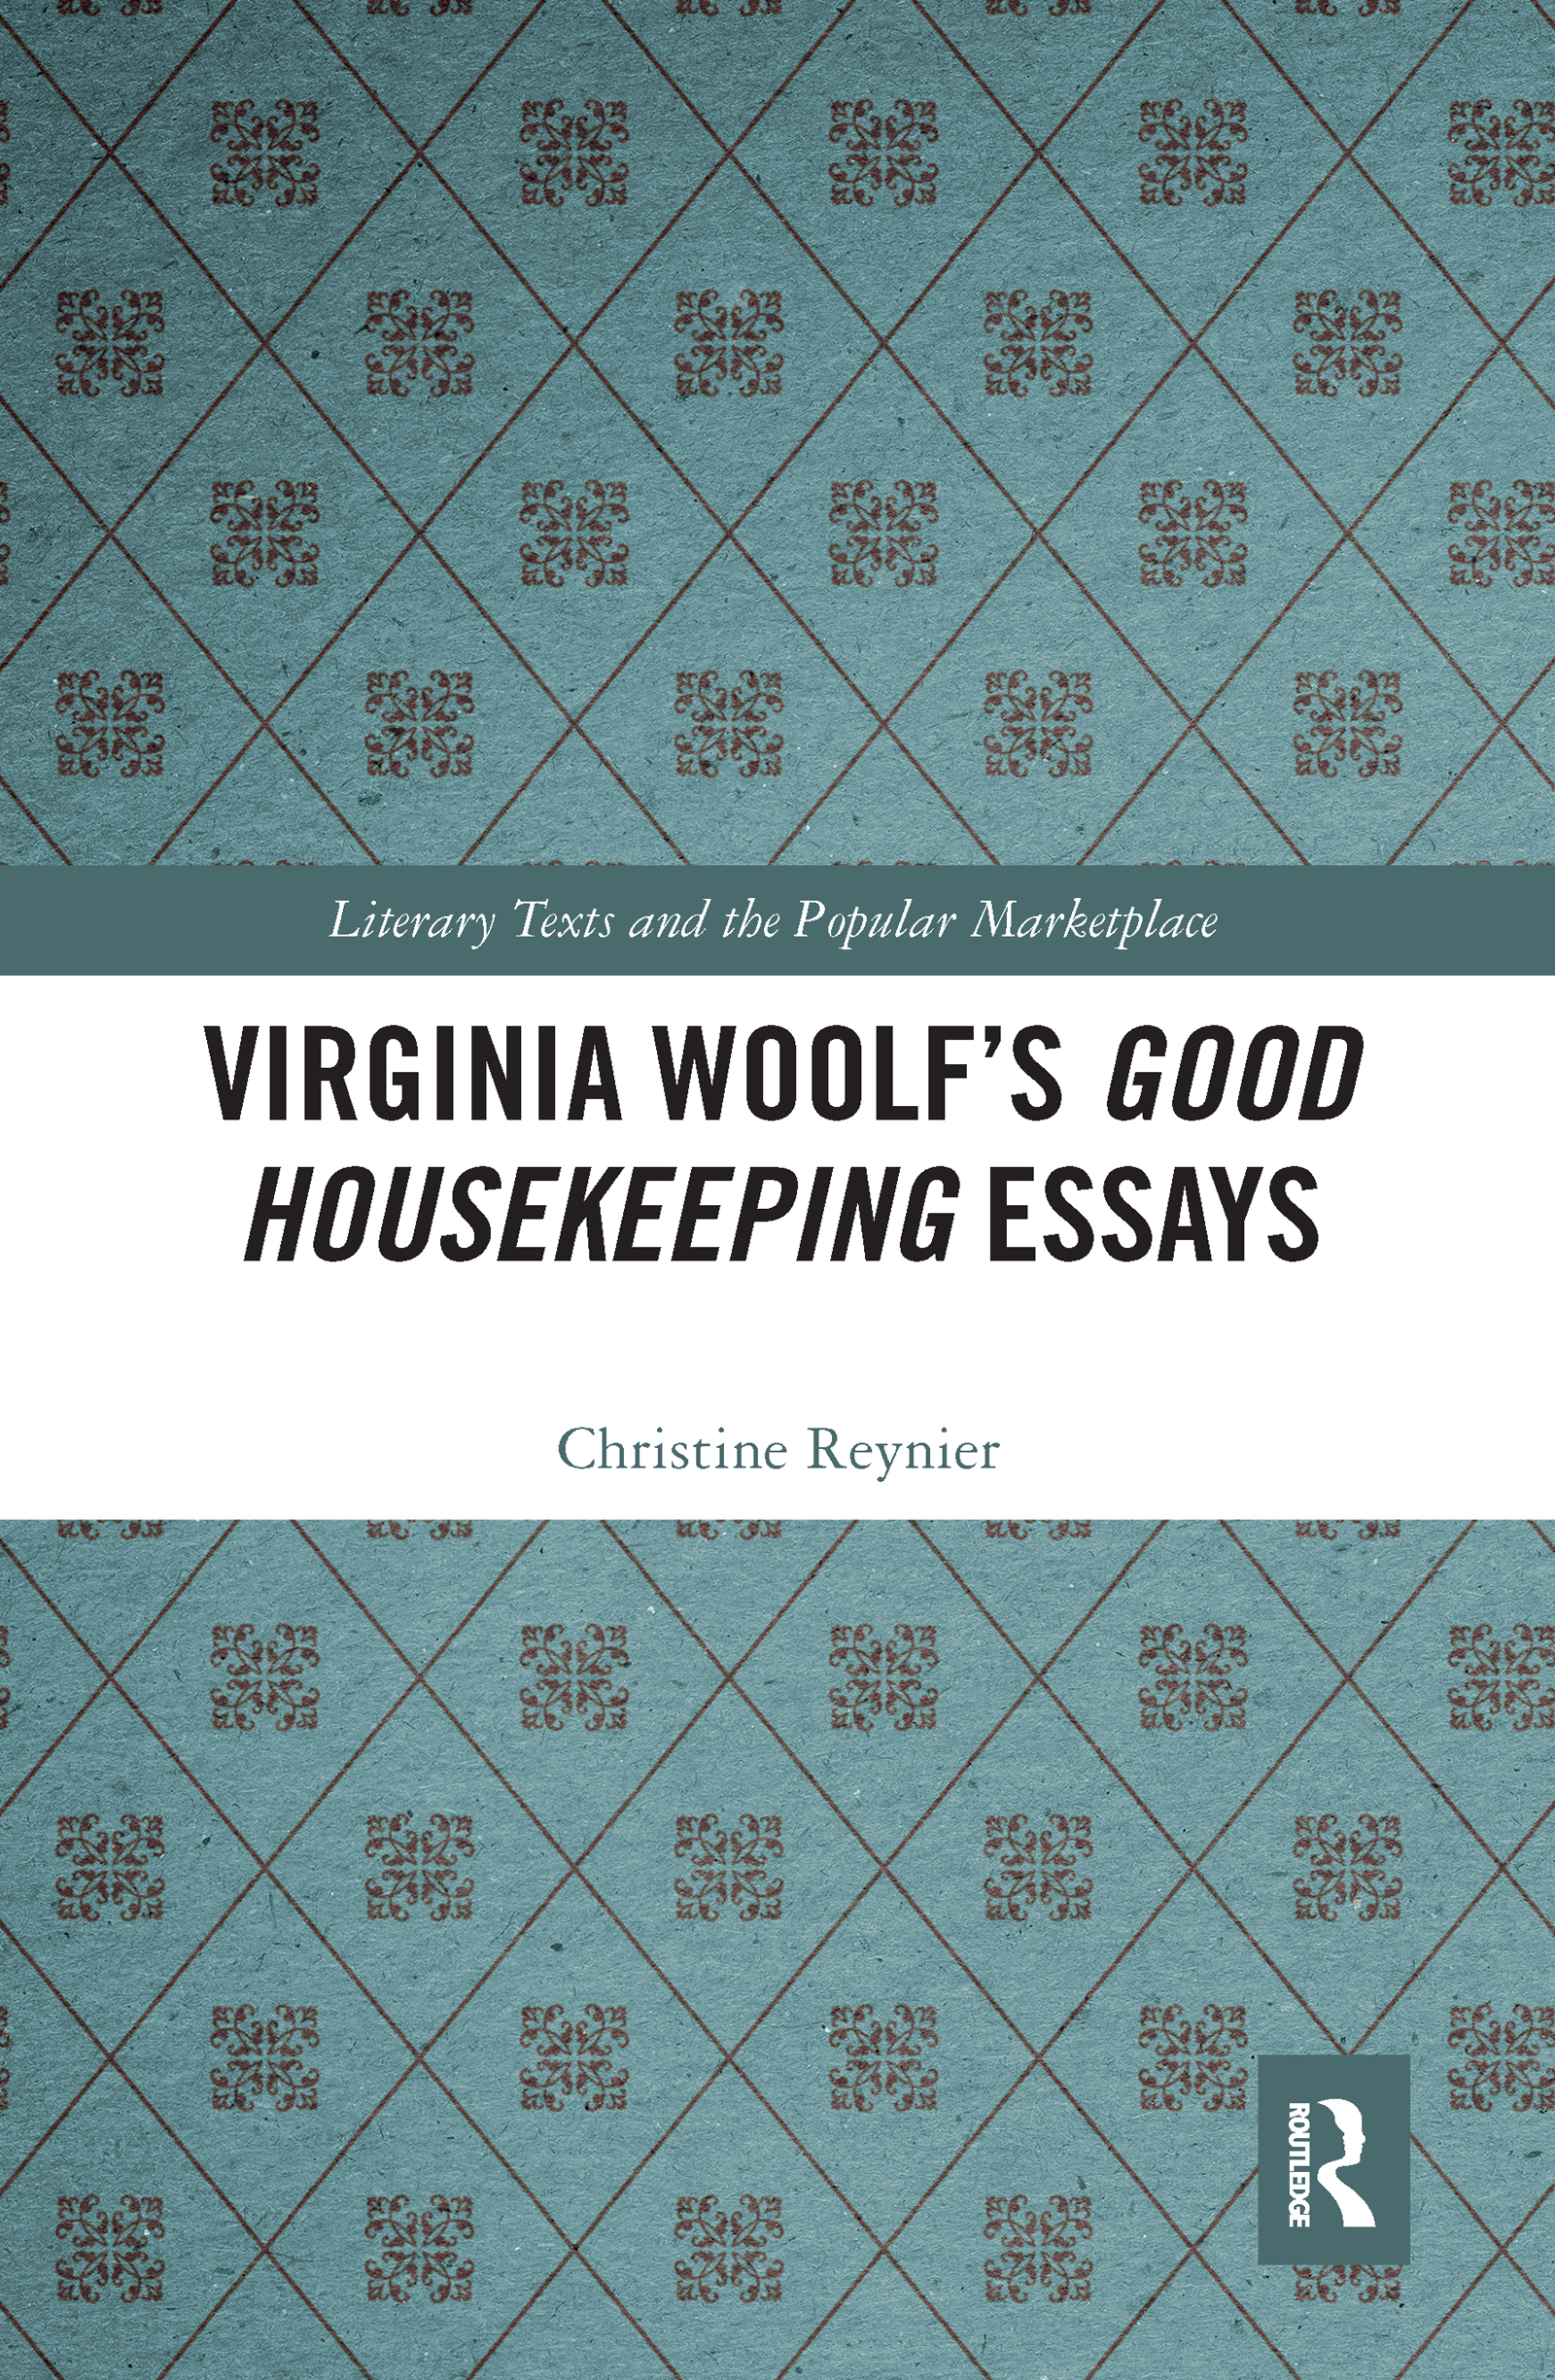 Virginia Woolf's Good Housekeeping Essays